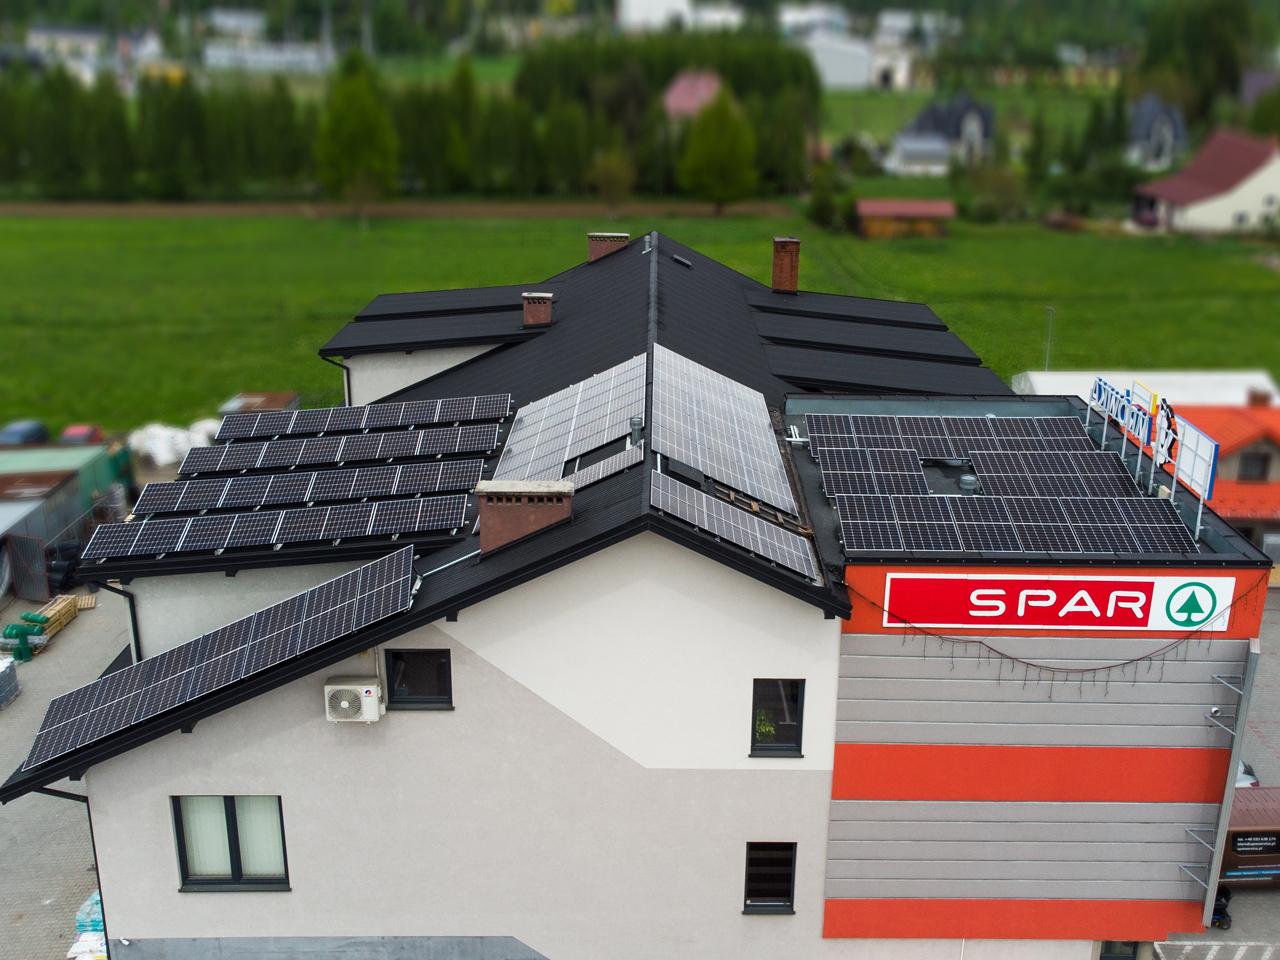 instalacja-fotowoltaiczna-foto-instal-montaz-paneli-slonecznych-debno-brzesko-tarnow-krakow-rzeszow-debica-nowy-sacz-malopolska-podkarpacie-longi-solar-sofar-fronius-huawei (46)